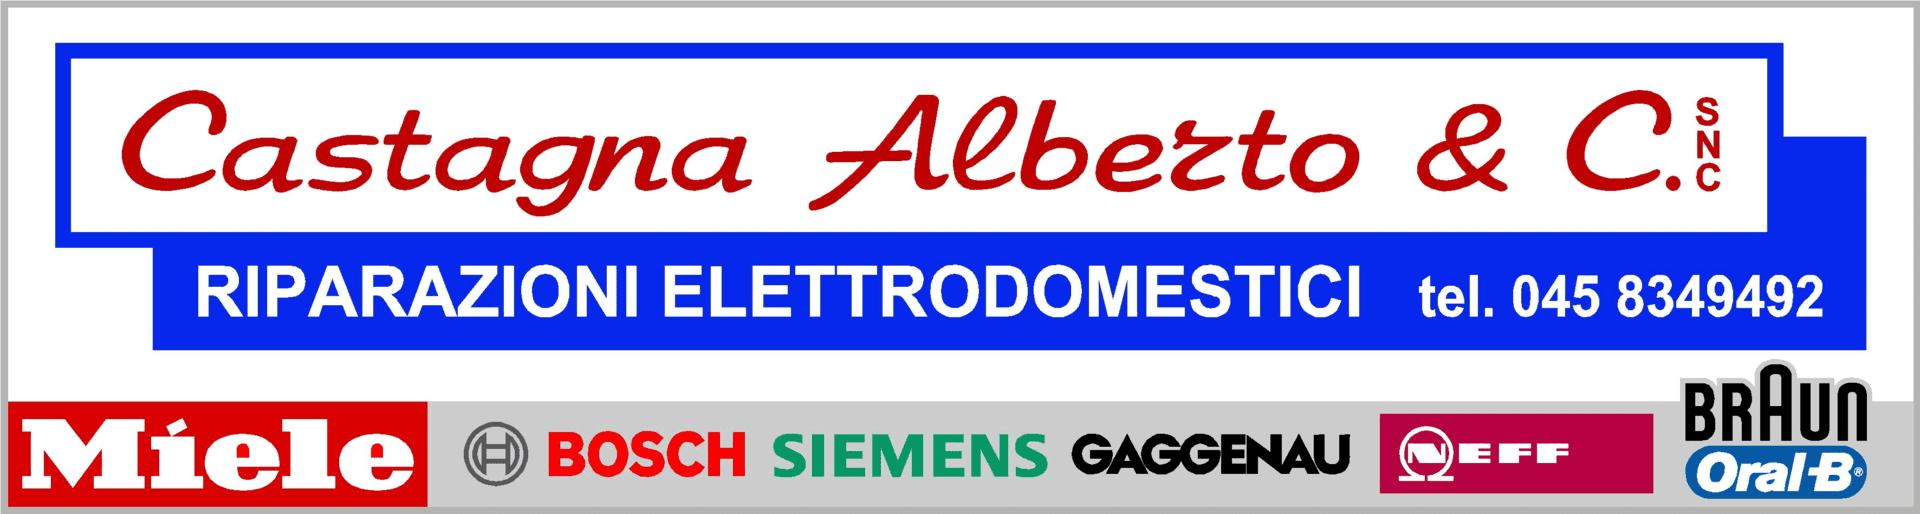 CASTAGNA-ALBERTO-&-C